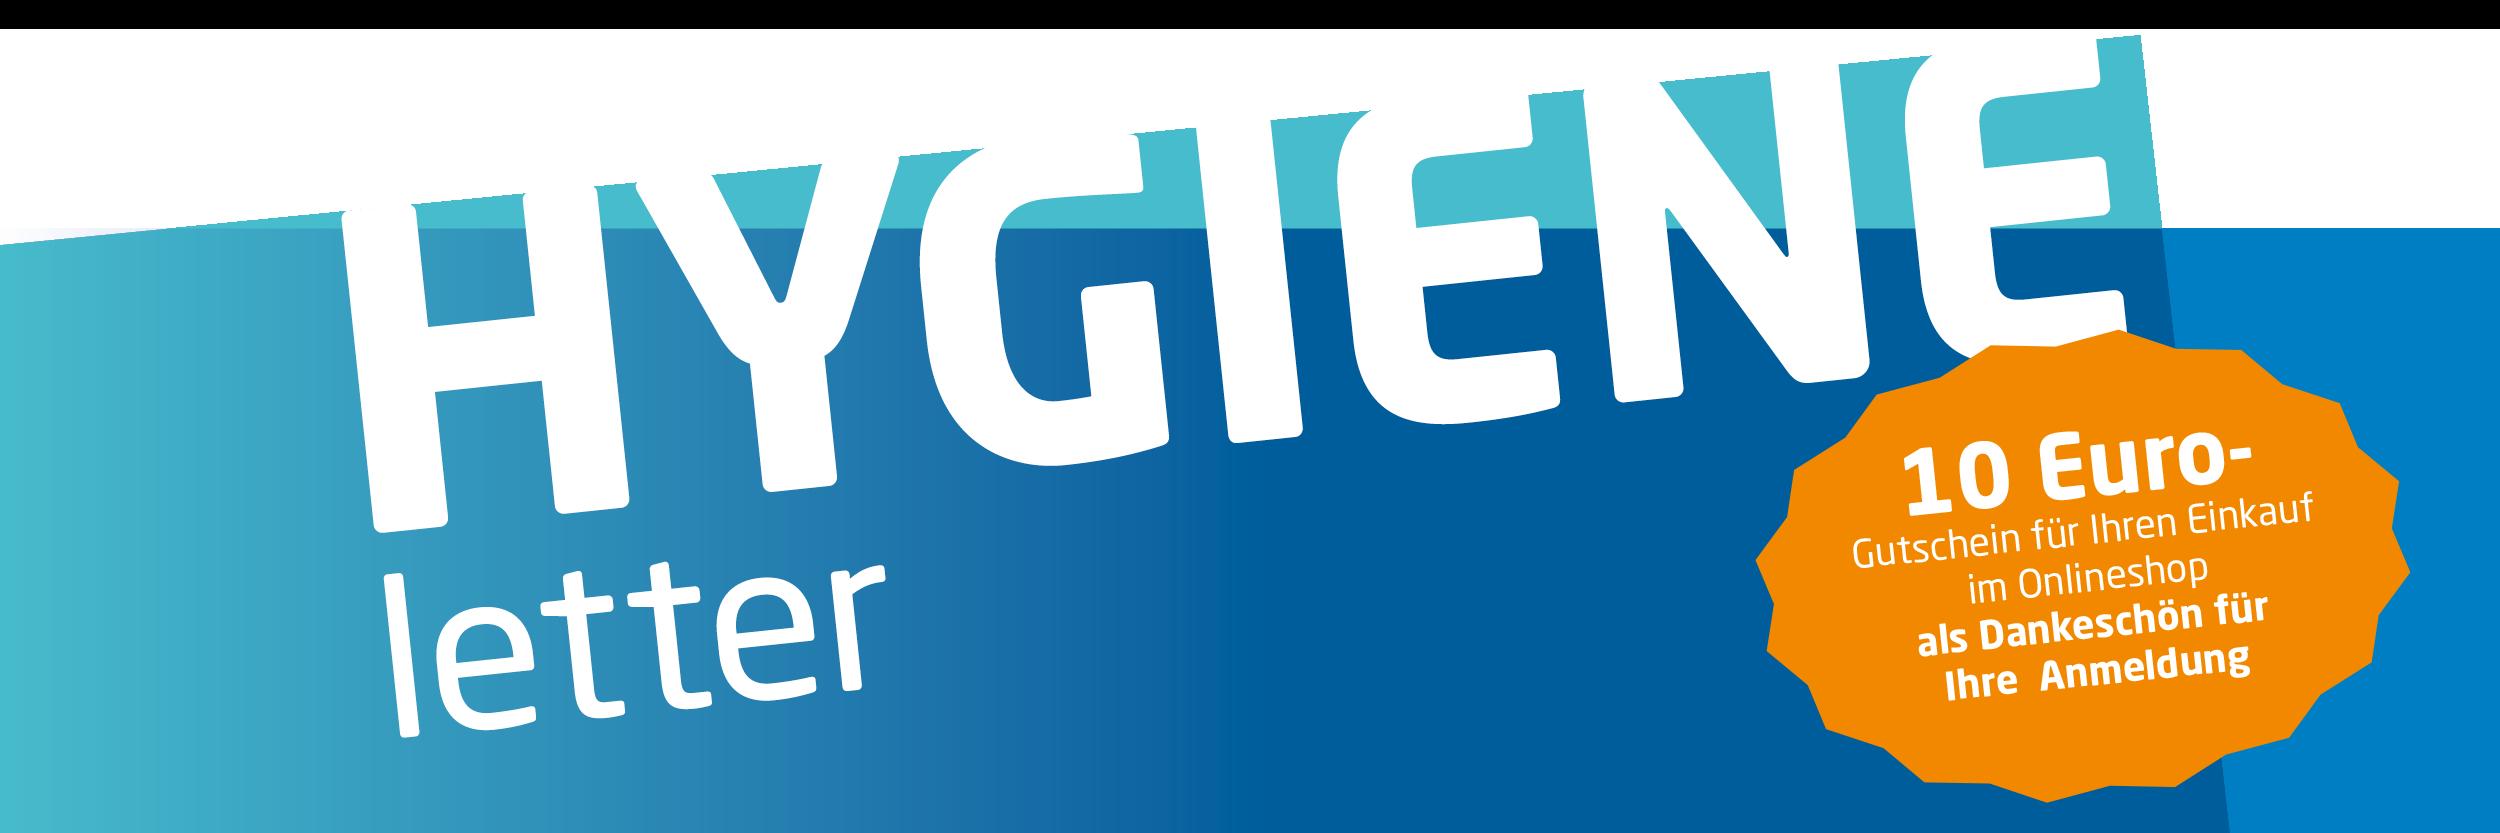 HYGIENE_letter_Banner_Gutschein_Incentive76K4TeCog2owm